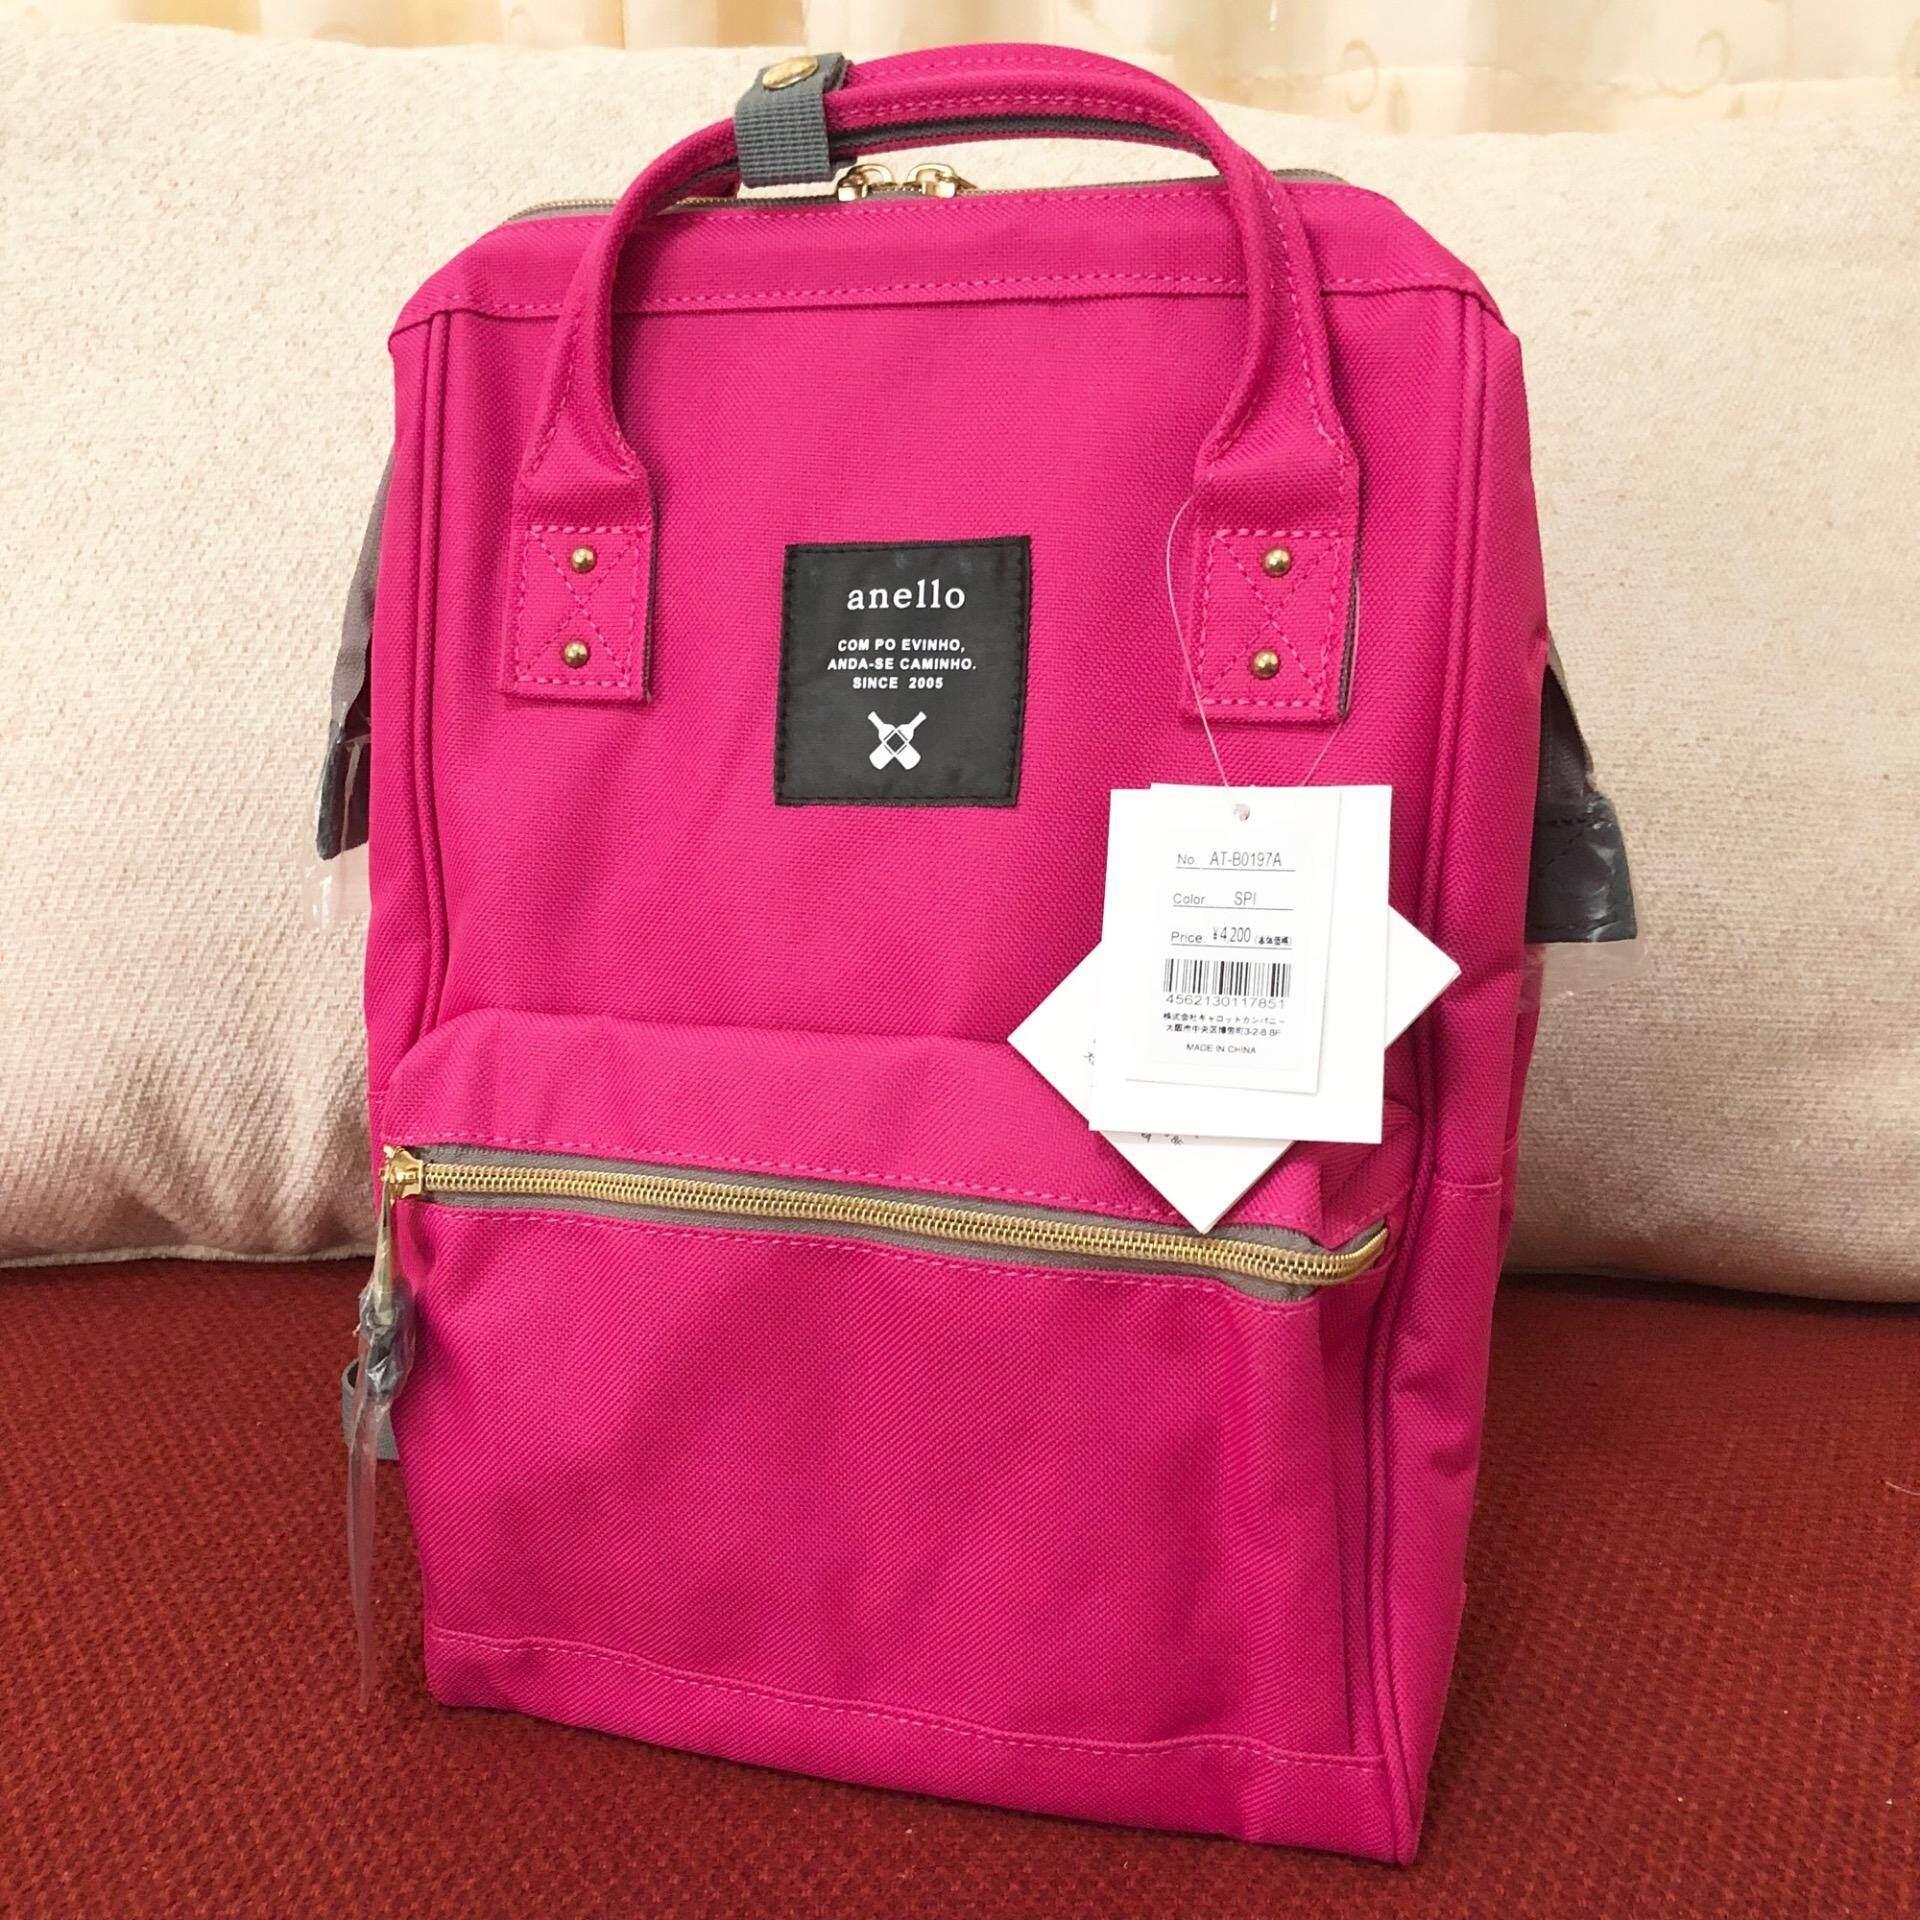 สินเชื่อบุคคลซิตี้  สุราษฎร์ธานี Anello Polycanvas Mini Size Backpack ❌ไม่มีช่องใส่ขวดน้ำด้านข้าง❌ (Shocking Pink)